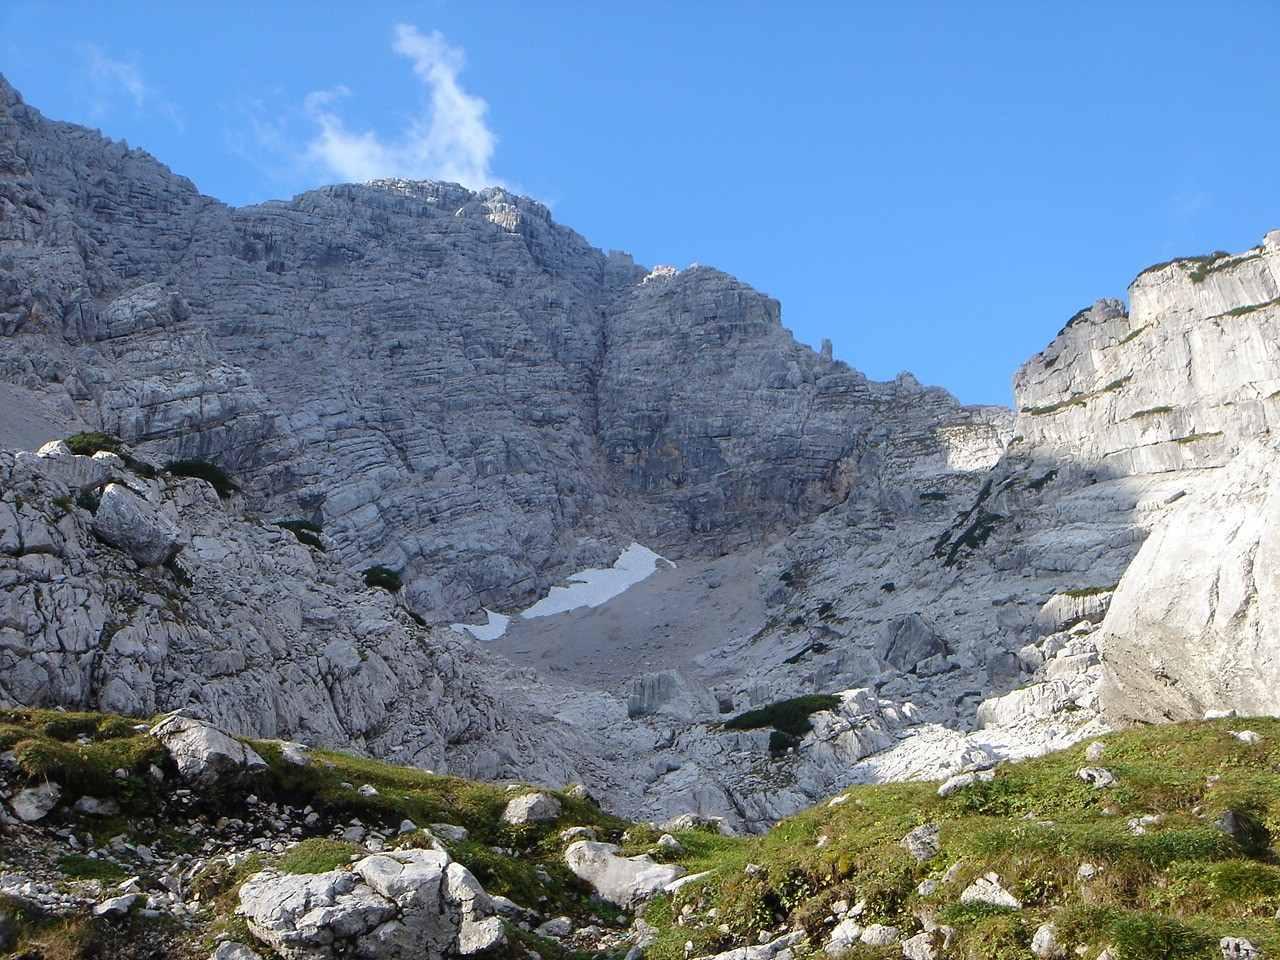 Foto: Manfred Karl / Wander Tour / Großes Ochsenhorn über Schärdinger Steig / Nähergerückt, aber immer noch ein schönes Stück zum Gipfel. / 16.06.2007 00:04:25